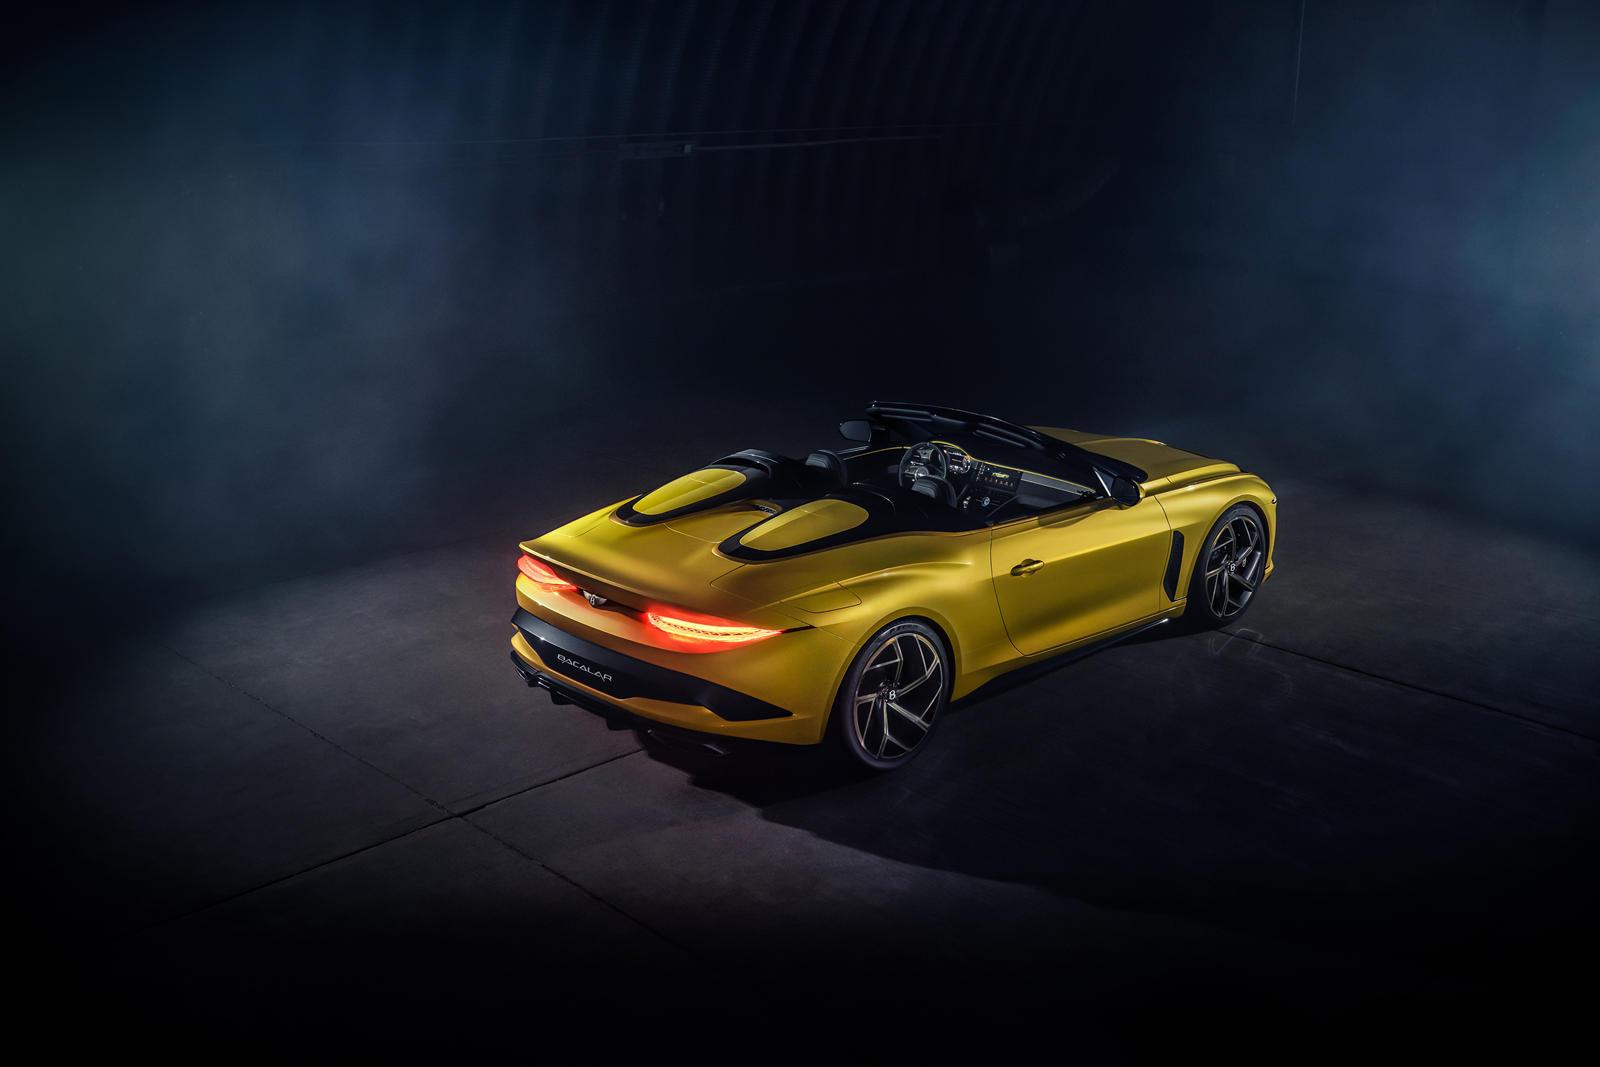 Победителем в конкурсе на дизайн стал некто, известный просто как Элеонора, а ее творение в стиле радуги выбрал Стефан Силафф, директор по дизайну Bentley. Это определенно Bentley Bacalar, не похожий ни на один другой, каждый из семи оттенков идет по